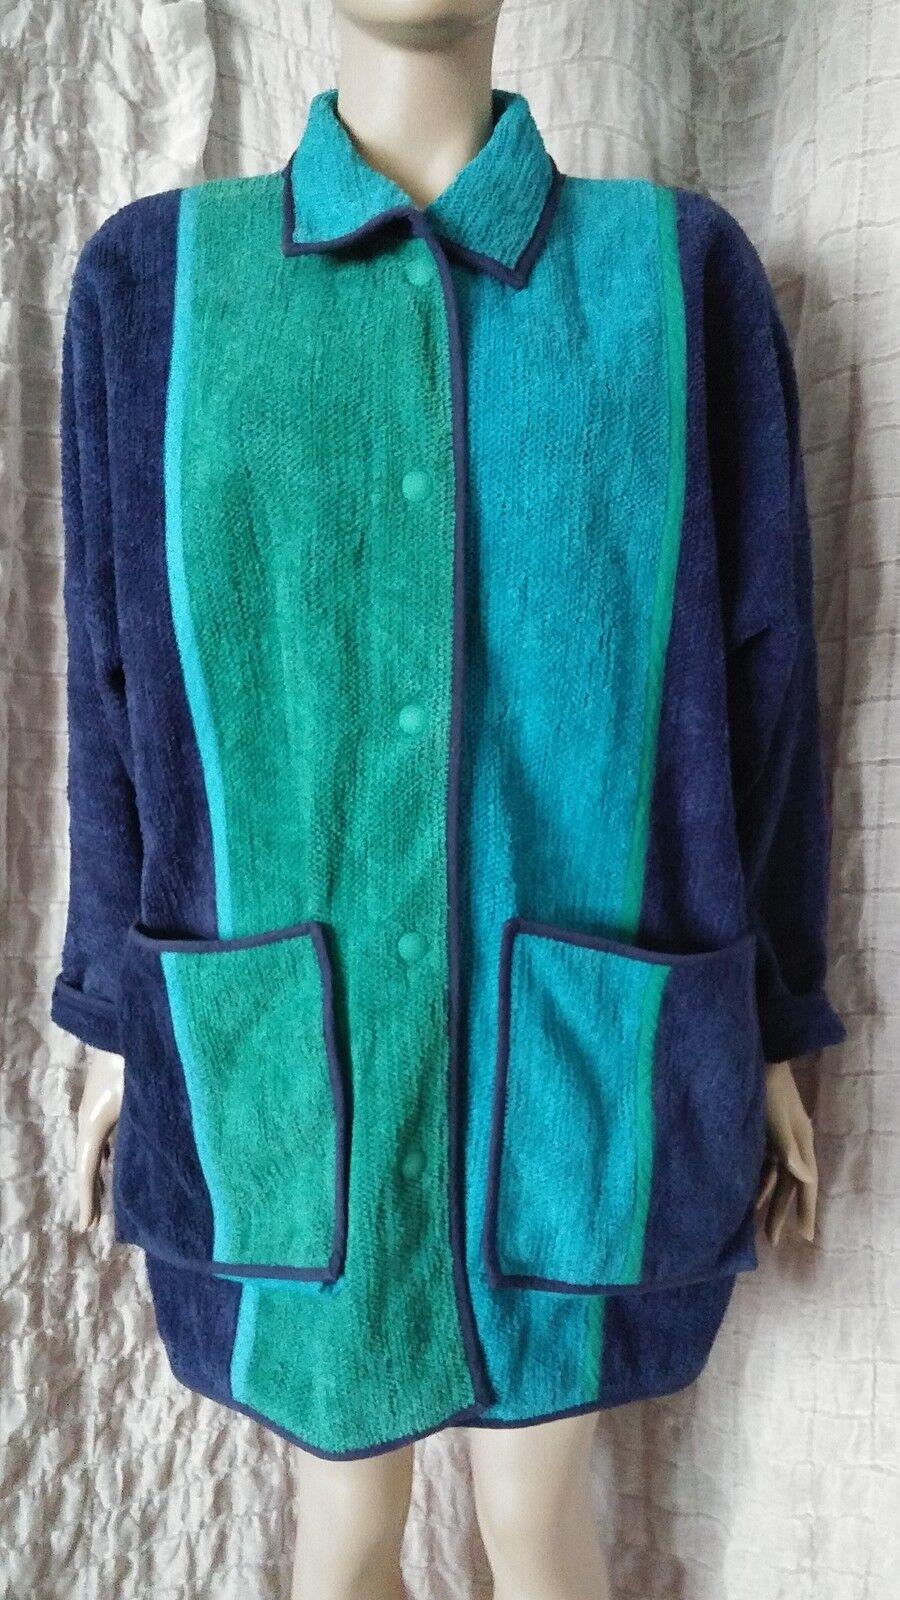 Annikki Karvinen handmade in Finland cotton coat size M lagenlook